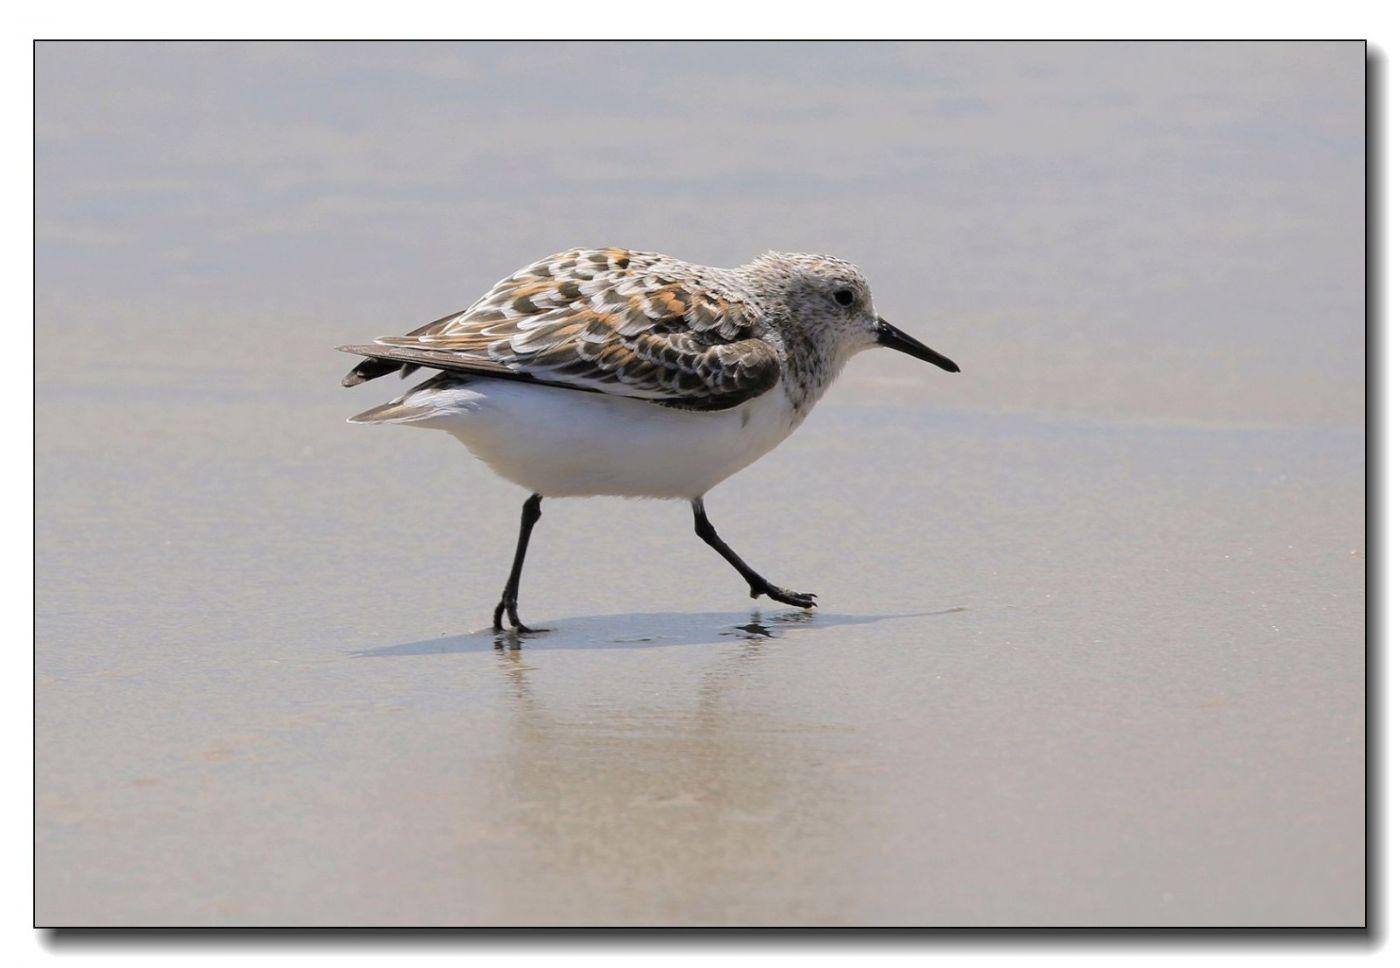 洛克威海滩拍鸟—滨鹬_图1-15